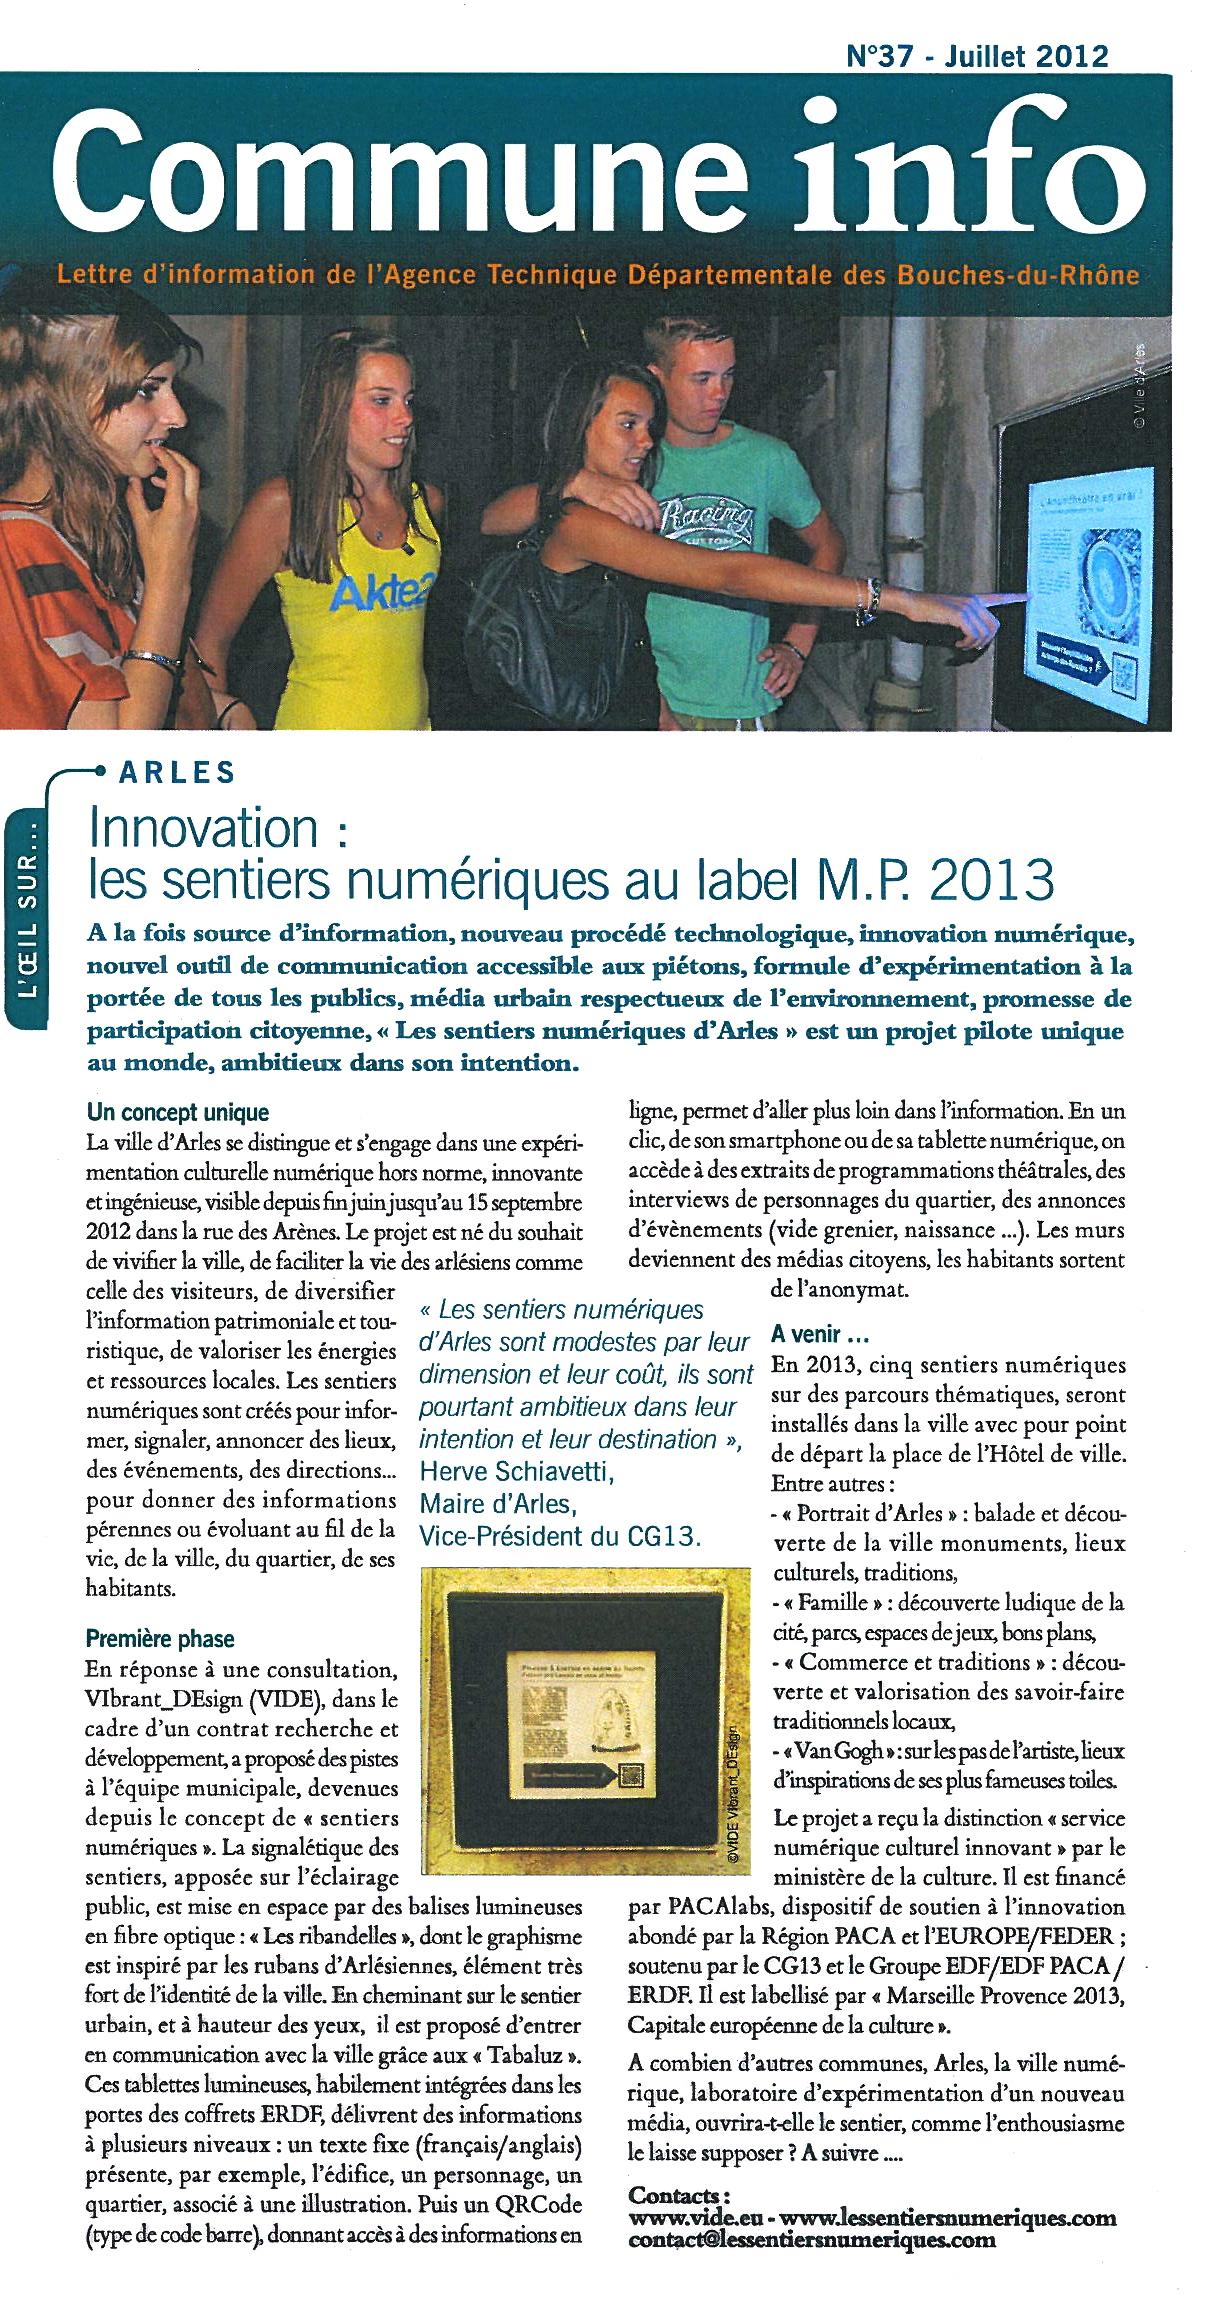 Communes Infos. Août 2012